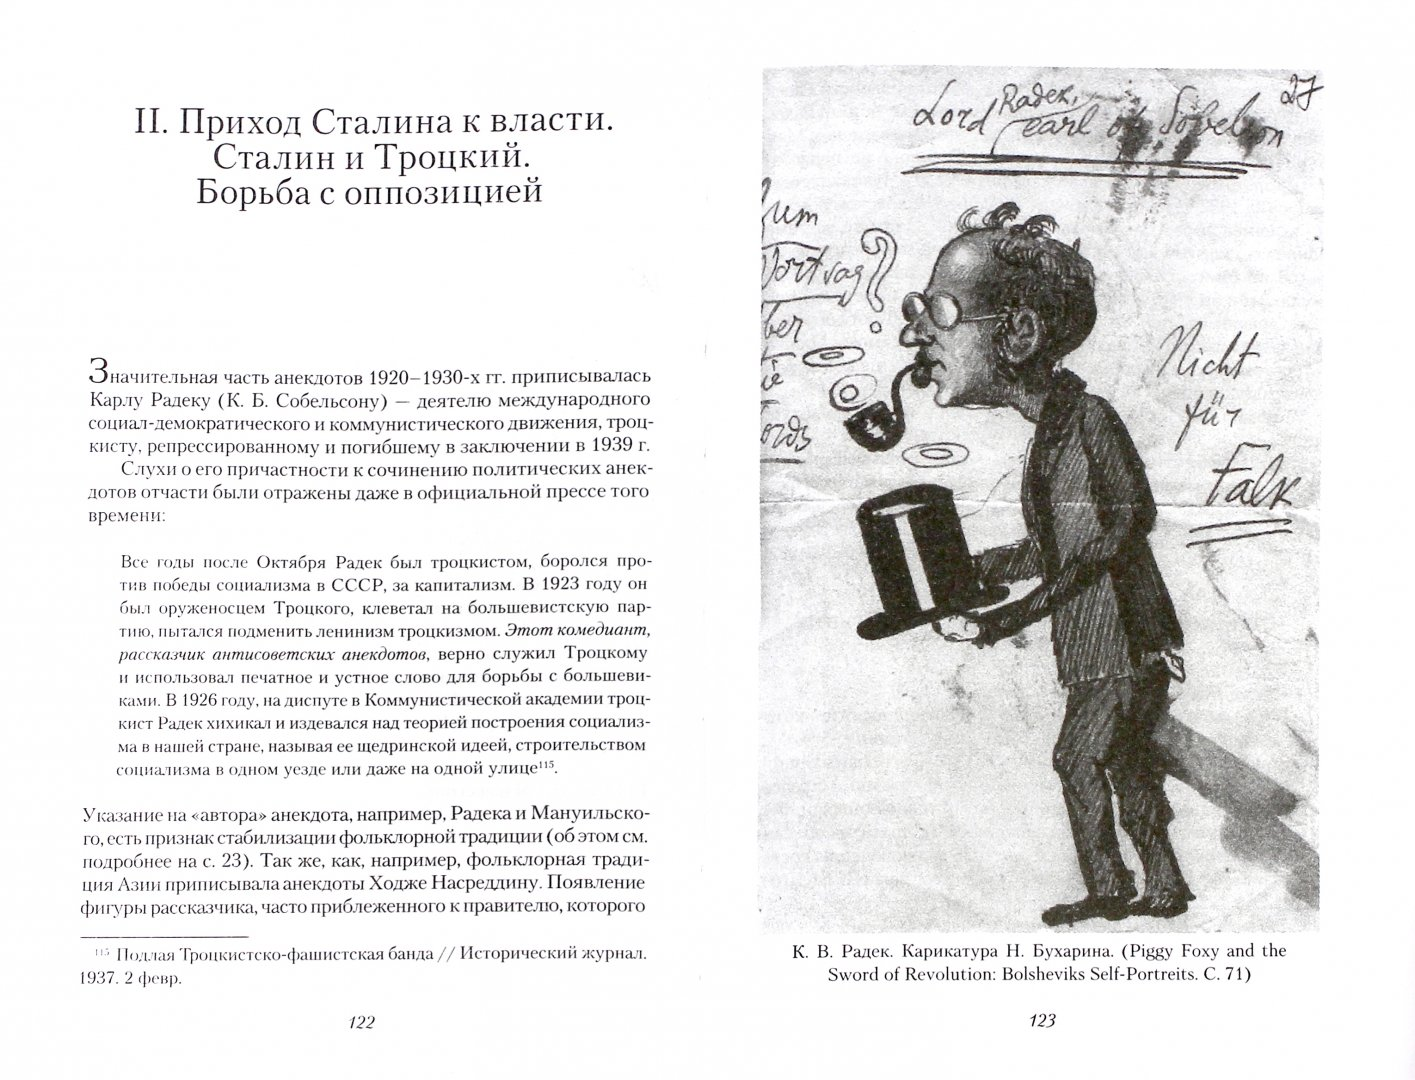 Иллюстрация 1 из 5 для Анекдоты о Сталине. Тексты, комментарии, исследования - Архипова, Мельниченко | Лабиринт - книги. Источник: Лабиринт